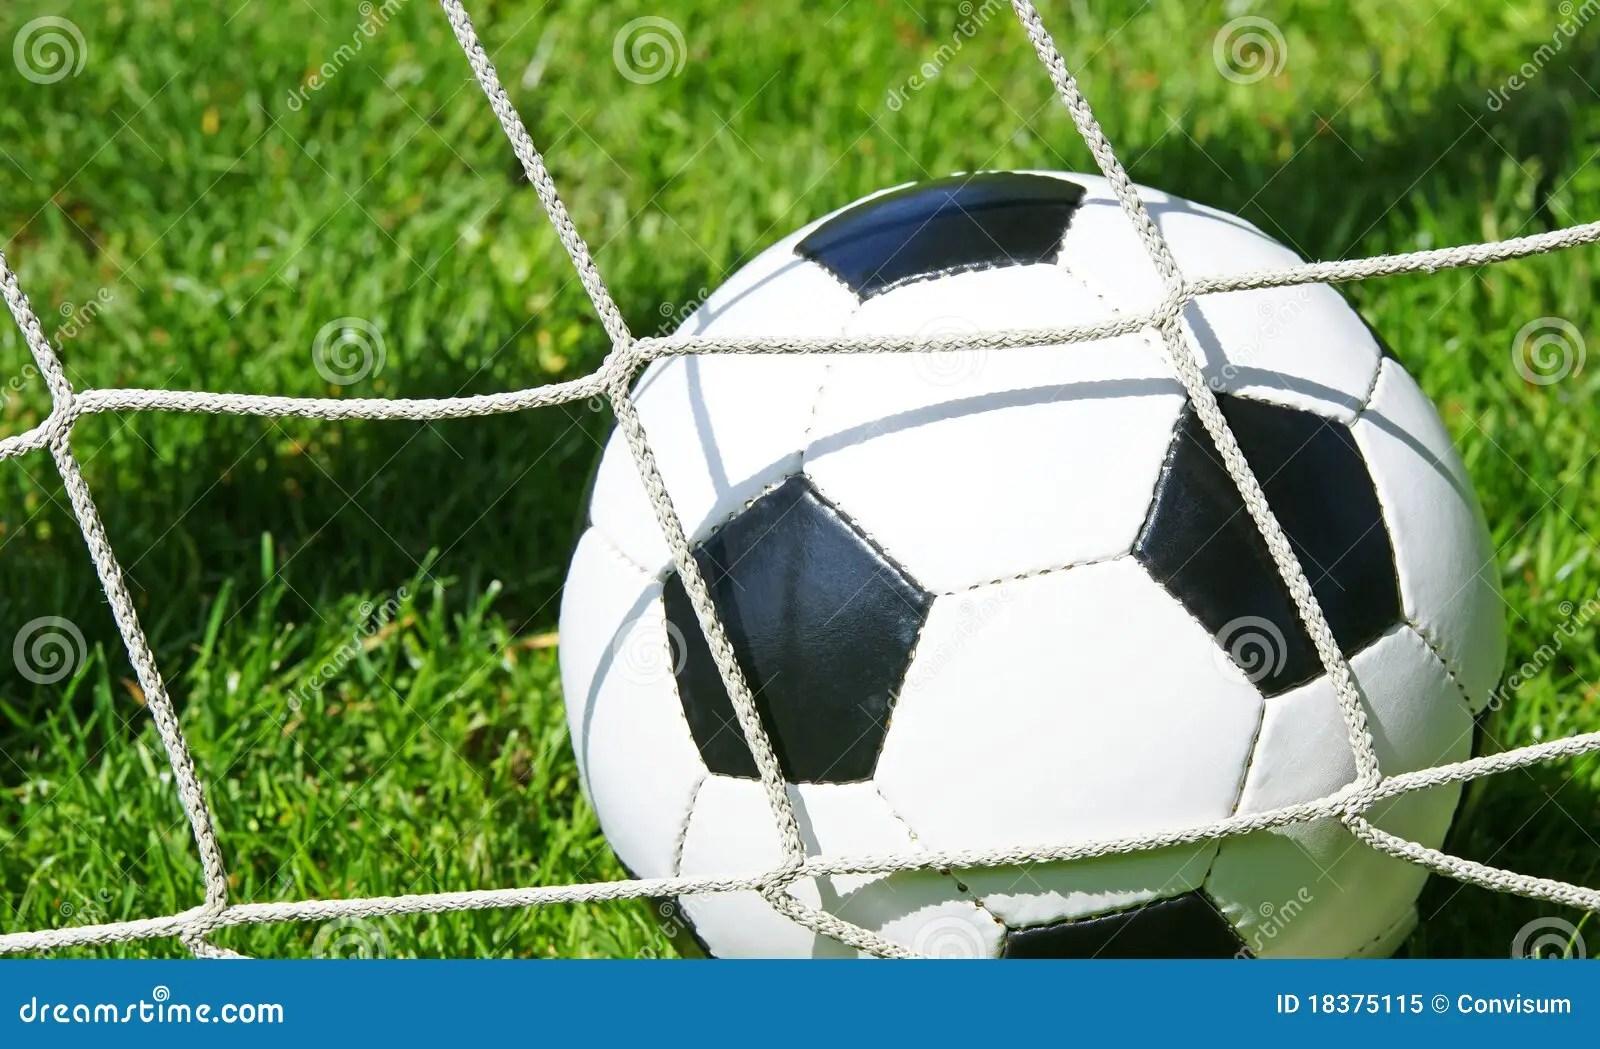 Soccer Ball In Goal Net Stock Image Image Of Recreational